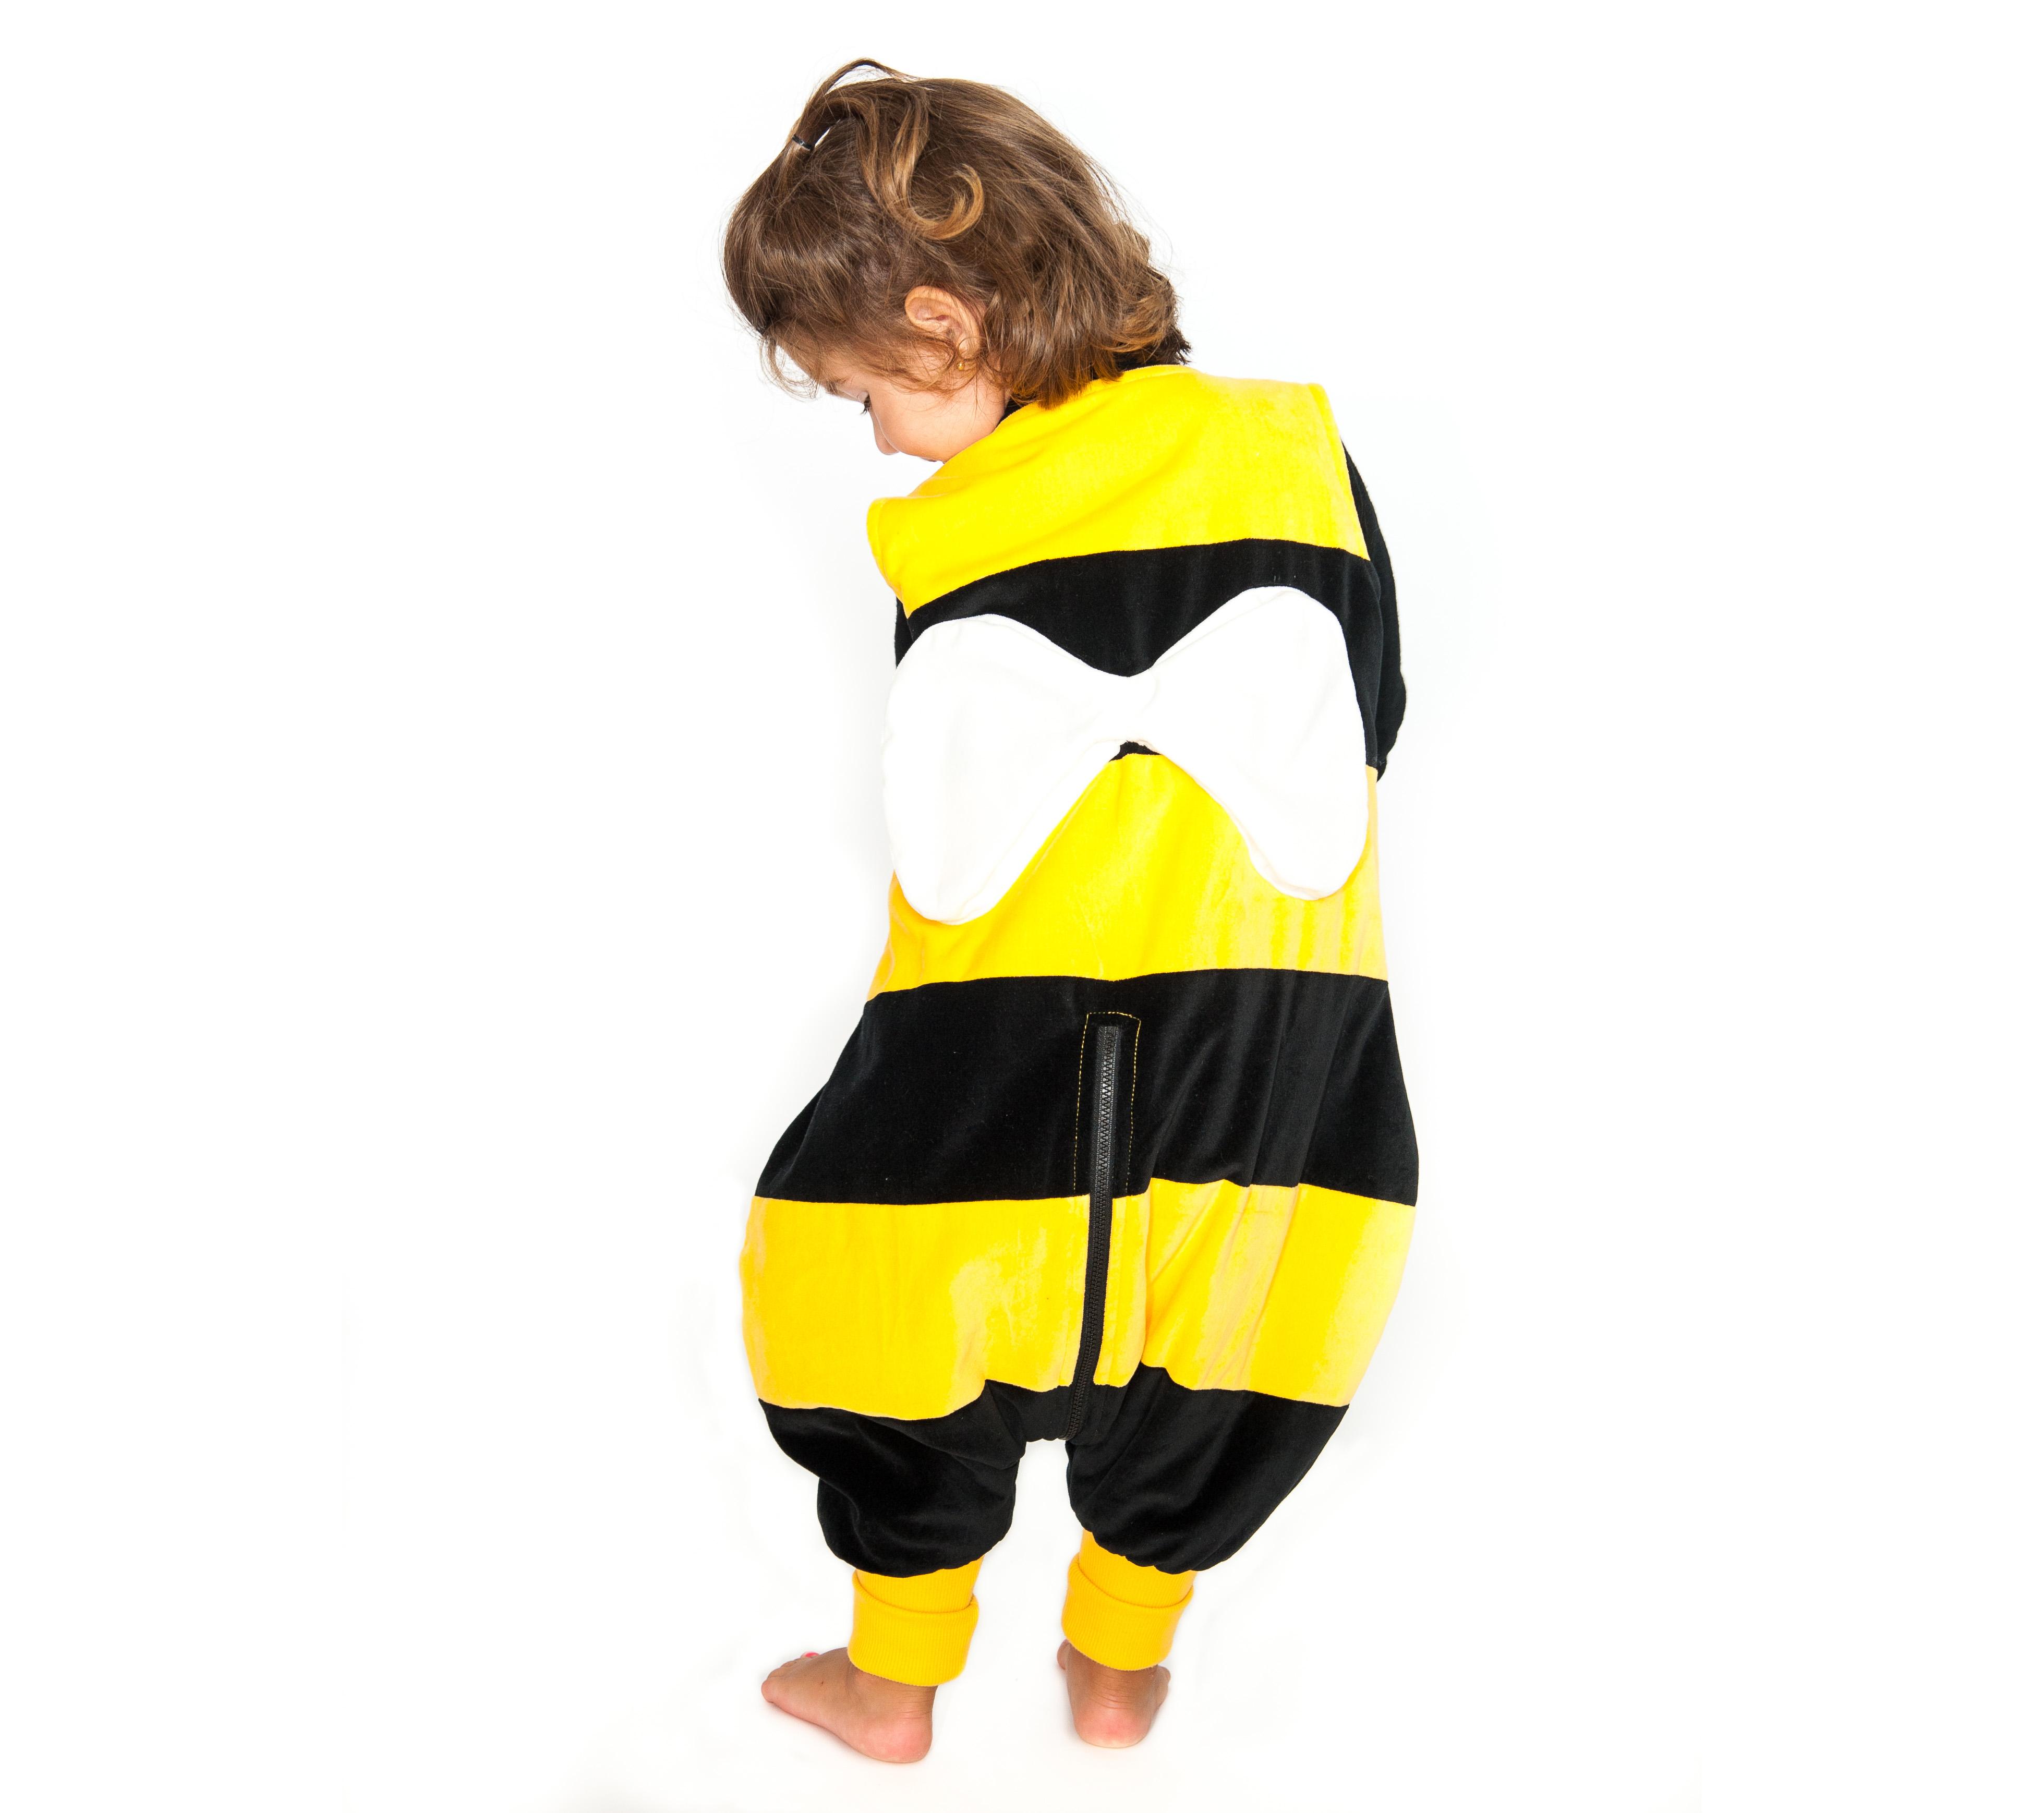 e9e656a81 Pijamas divertidos para niños Saco pinguino de Abeja